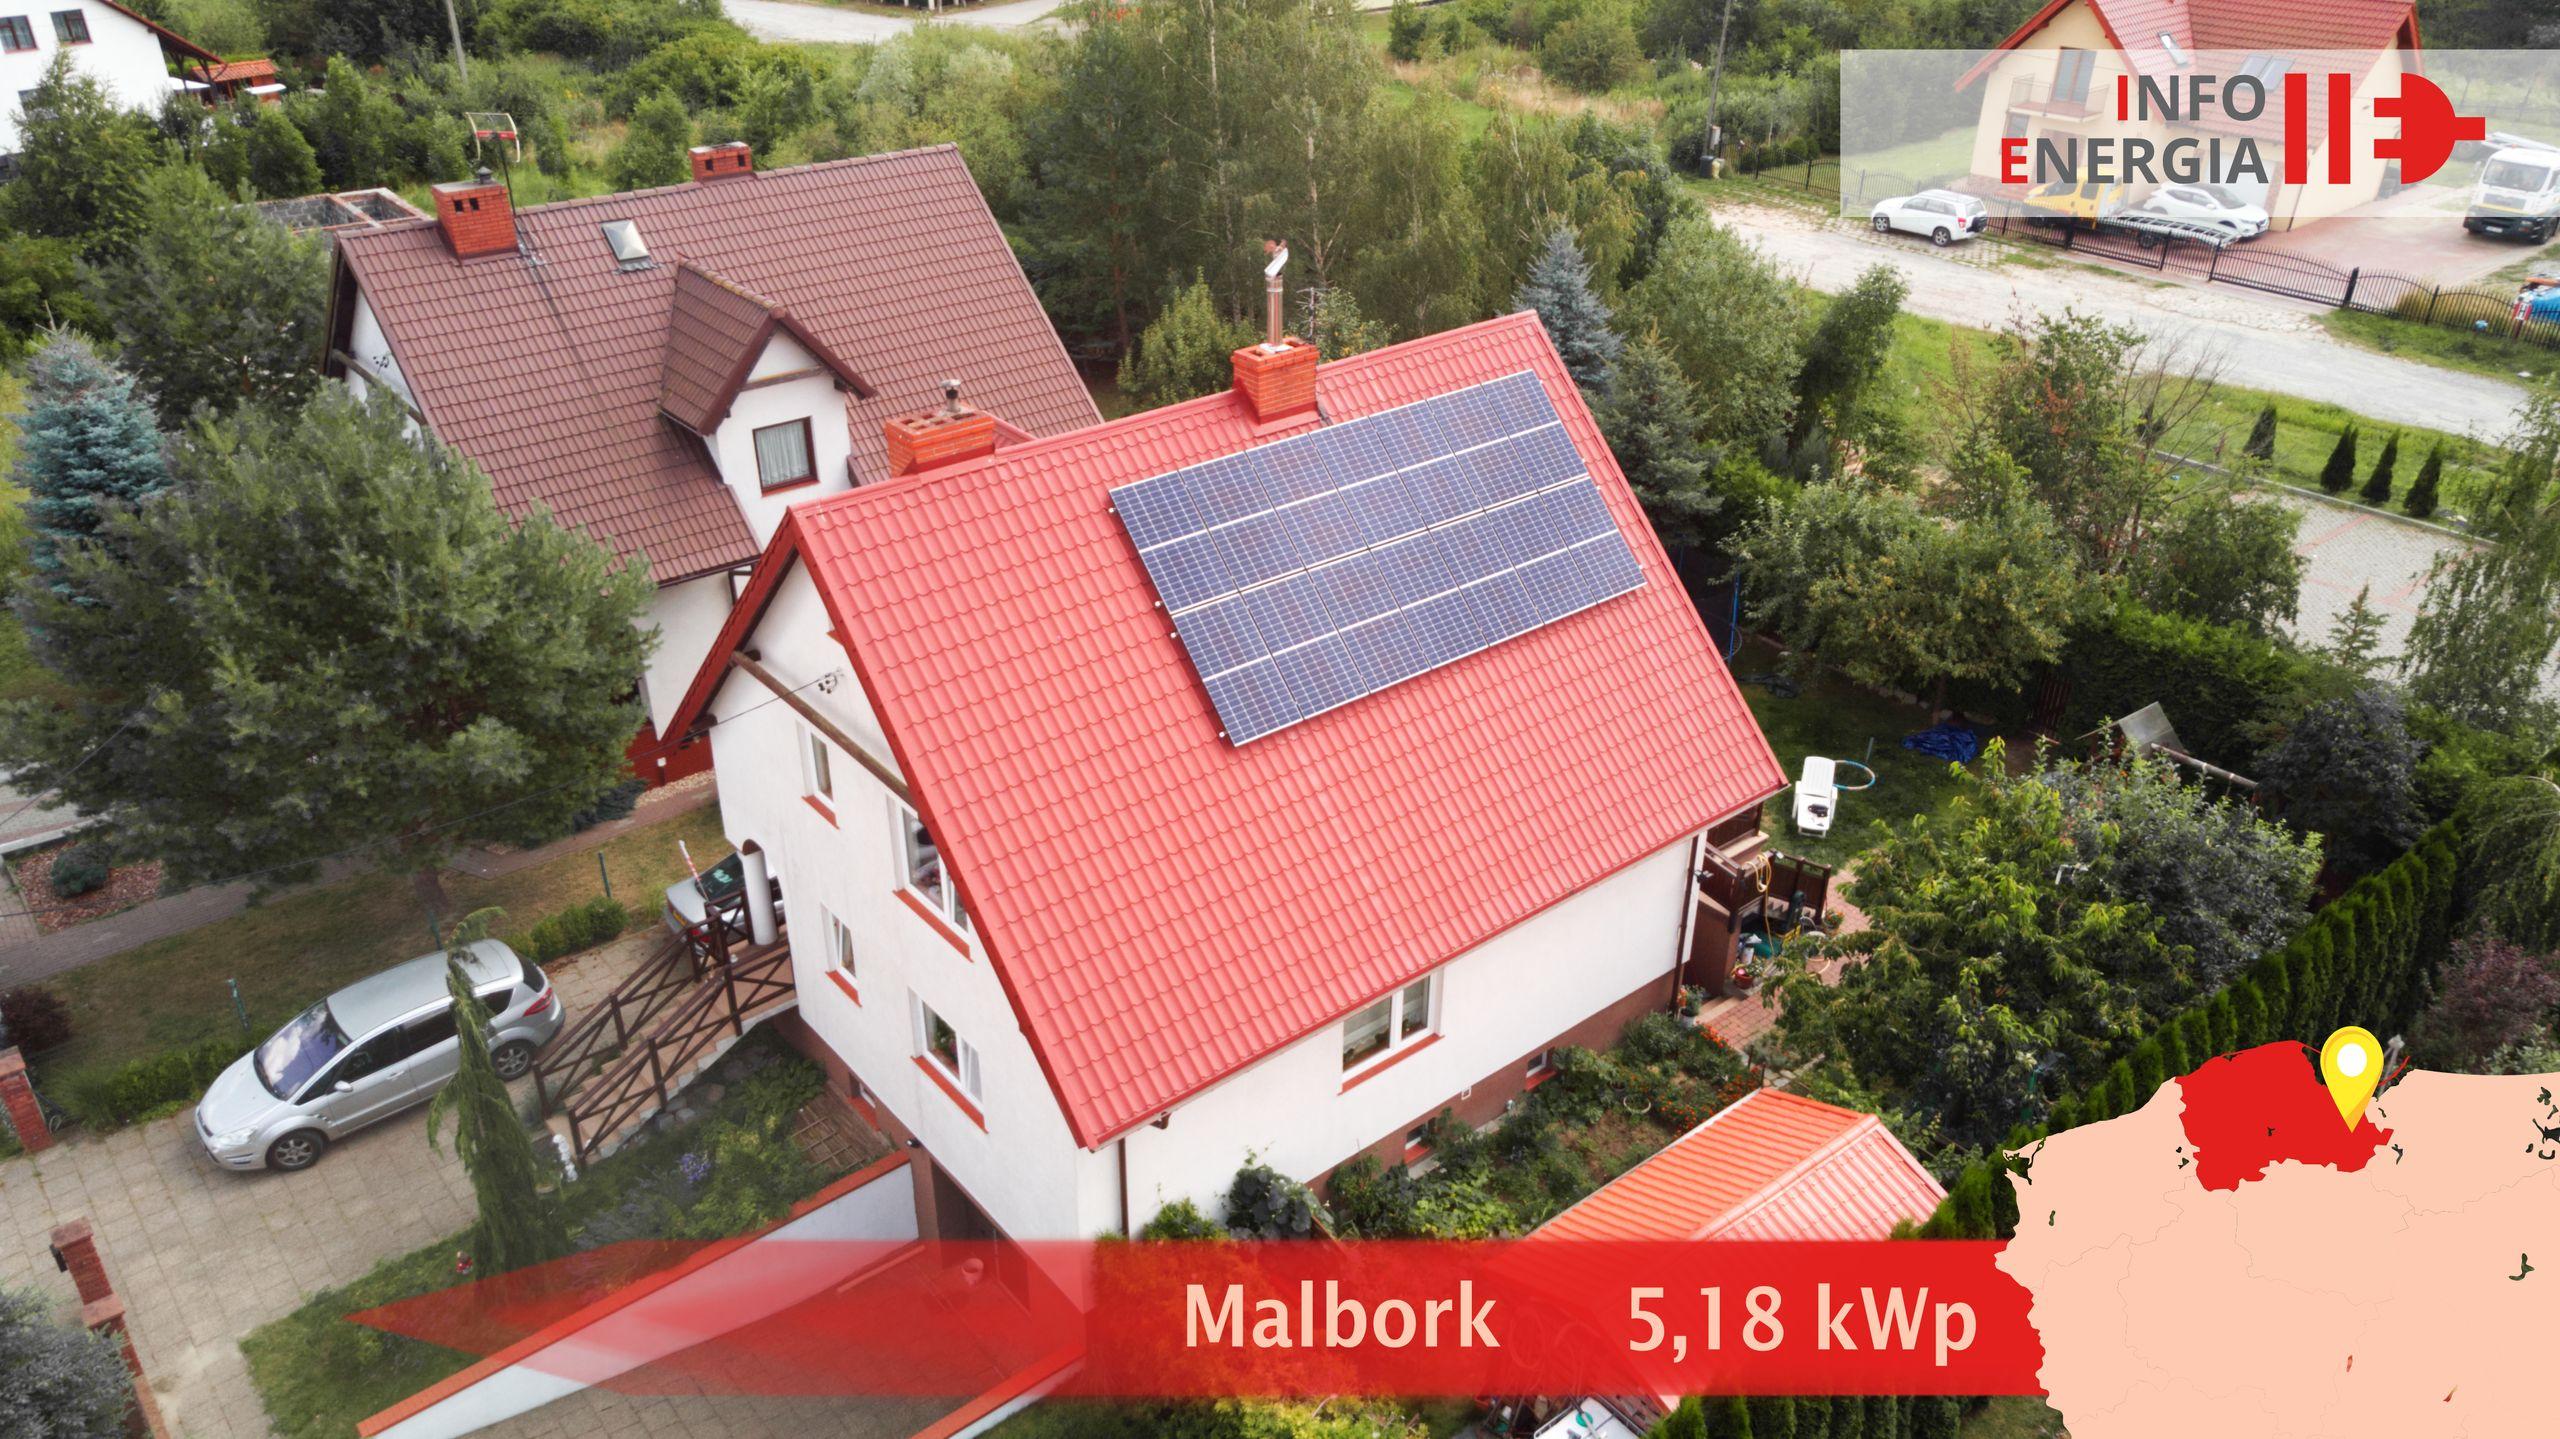 Fotowoltaika Malbork. Instalacje fotowoltaiczne Malbork, Kwidzyn, Sztum. Pompy ciepła Malbork